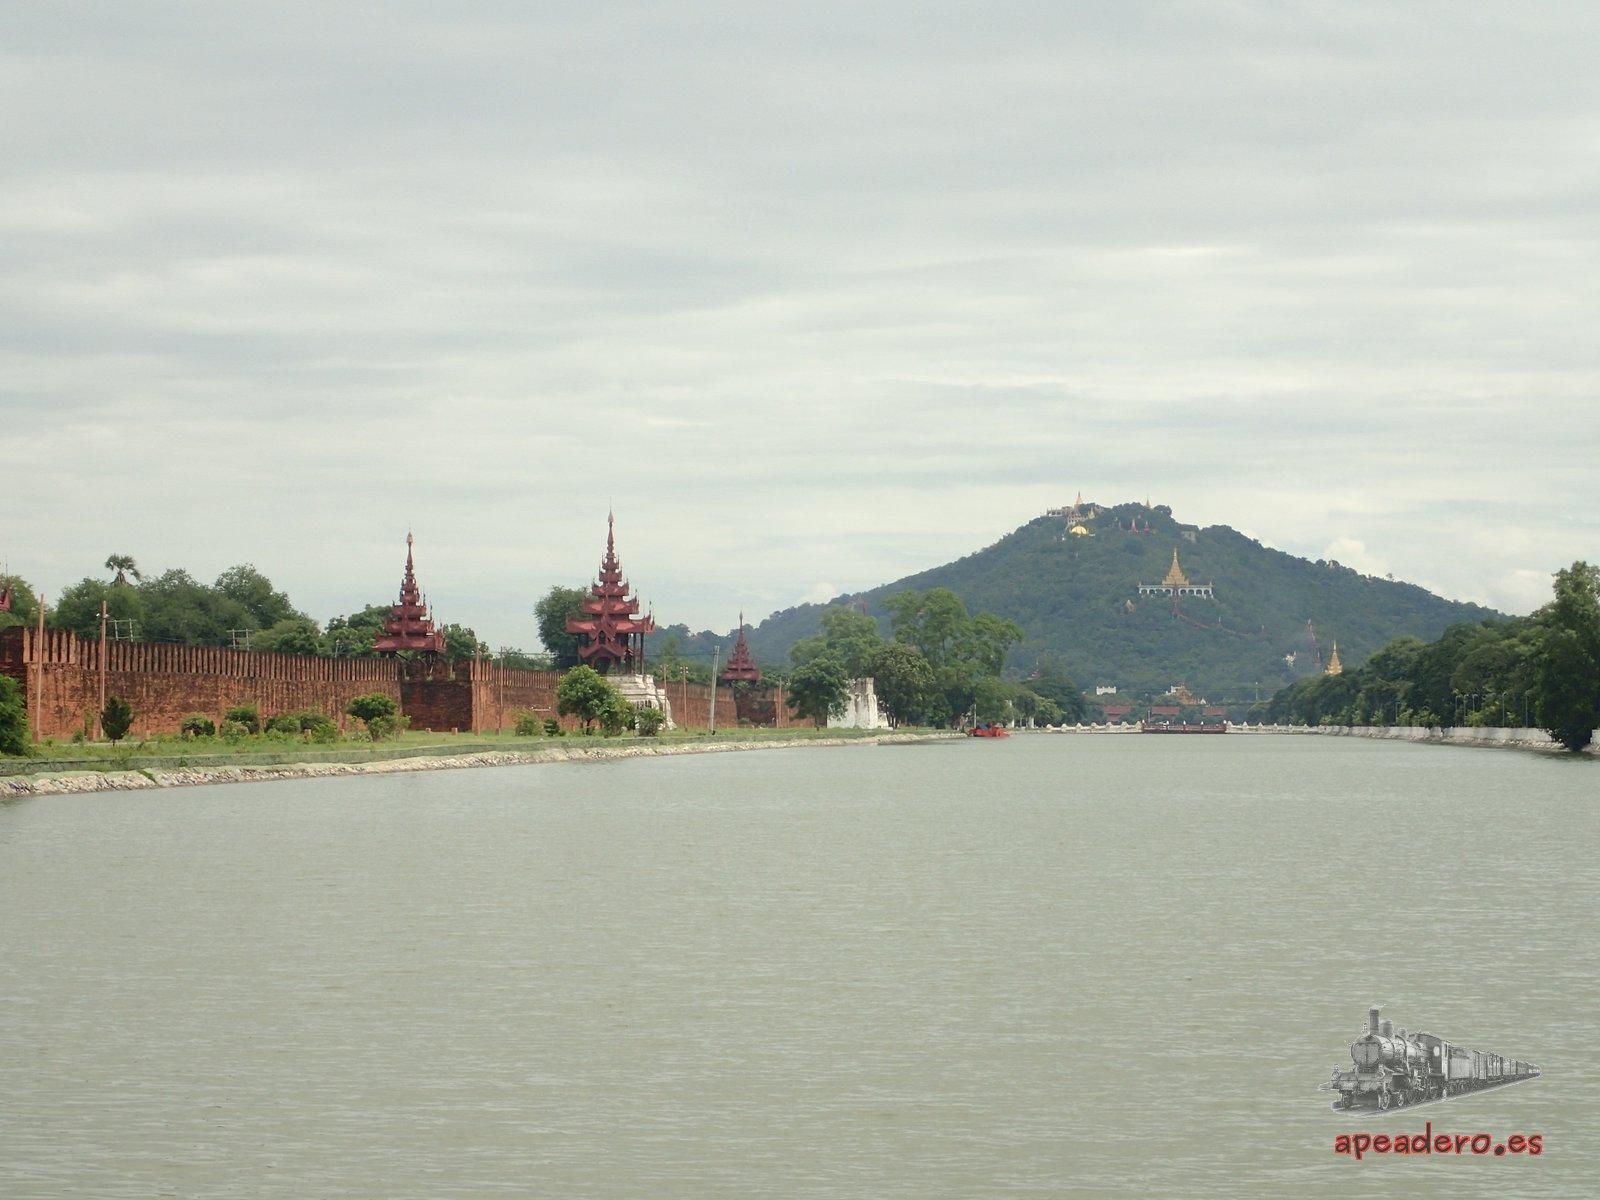 El palacio real de Mandalay a mi me dejó frío, no le vi ningún interés especial.